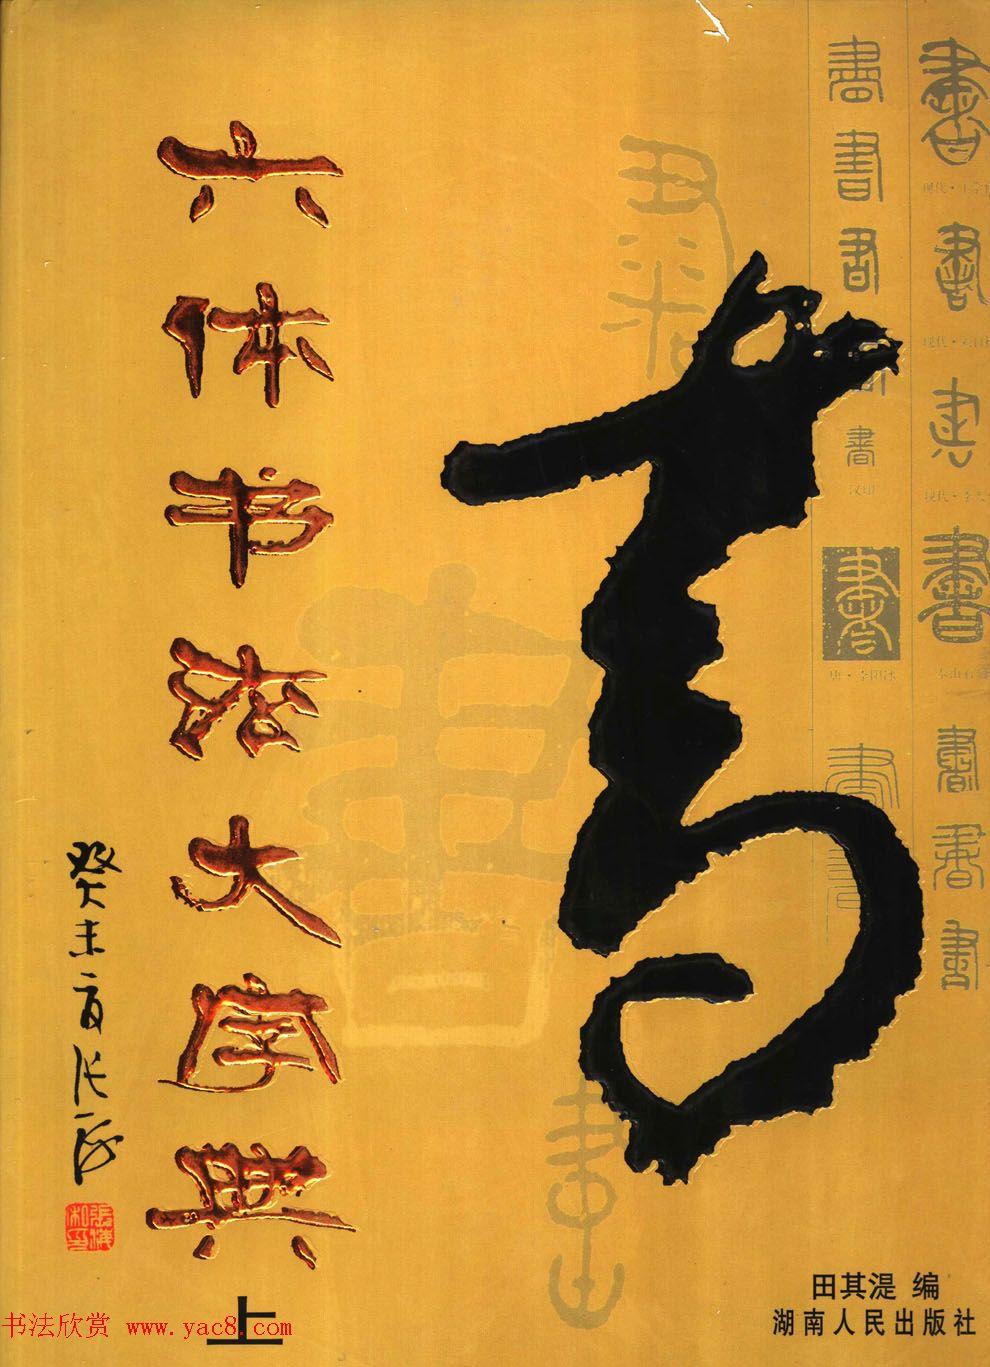 中国书法字典大全下载_书法学习必备工具书专辑